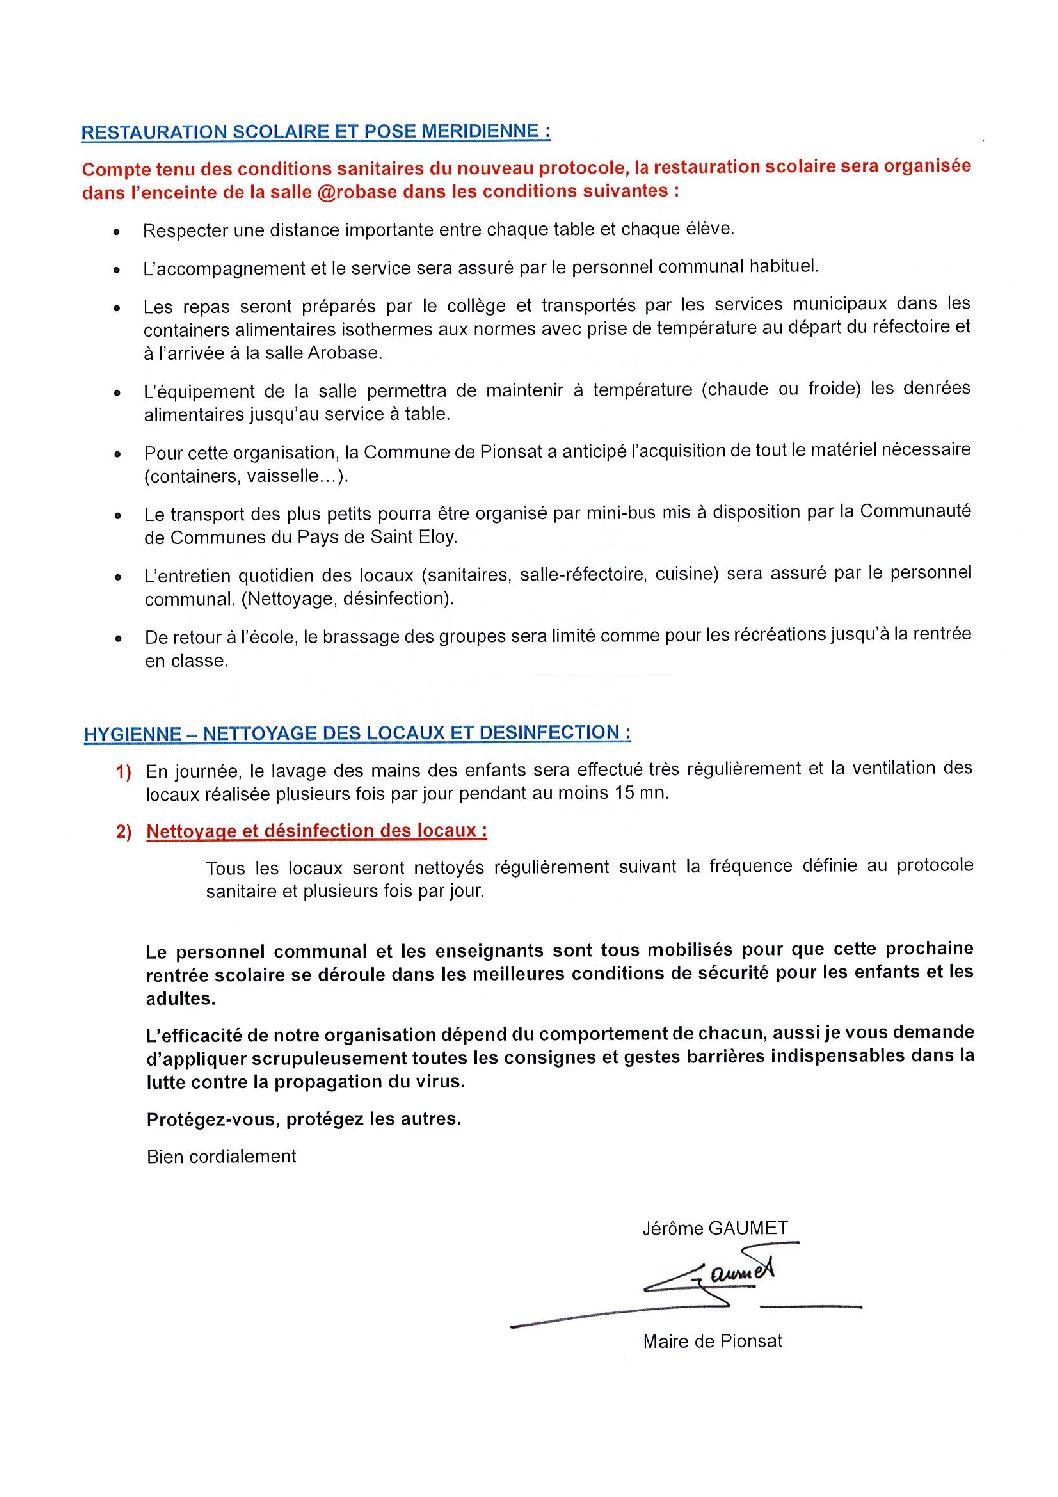 PLAN D'INFORMATION SUR LA RENTREE SCOLAIRE – NOVEMBRE 2020